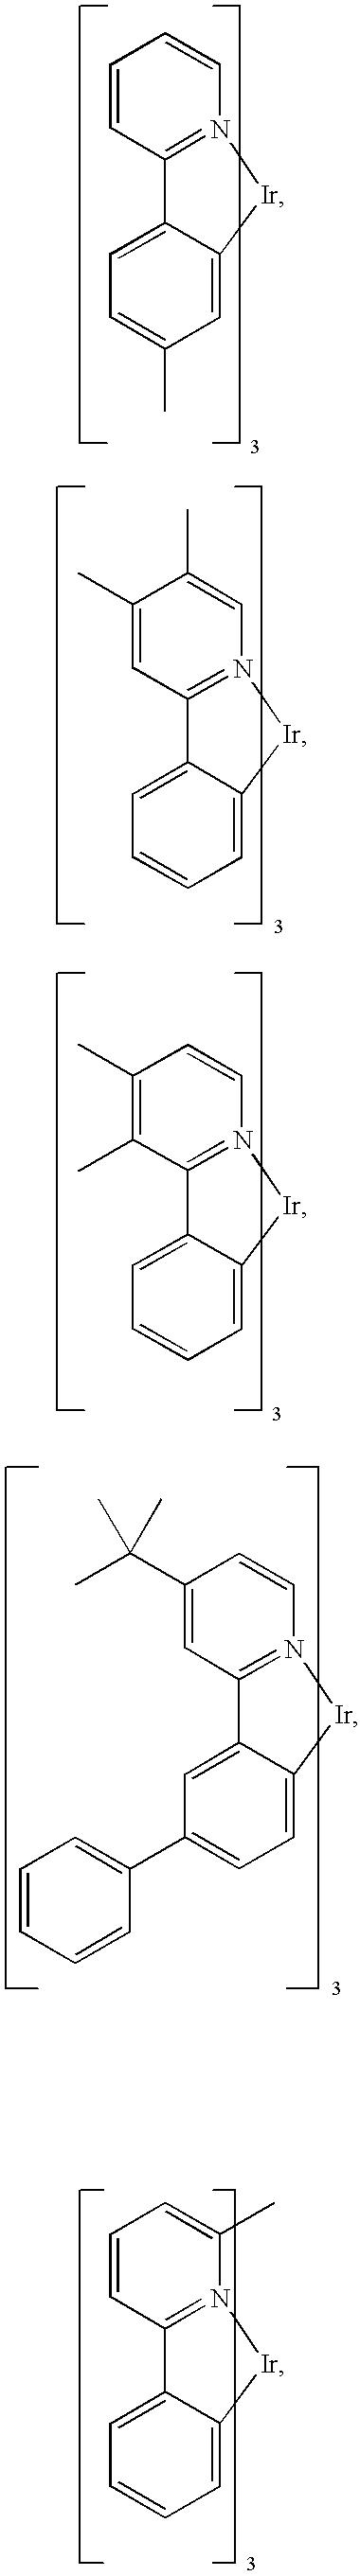 Figure US20070003789A1-20070104-C00122